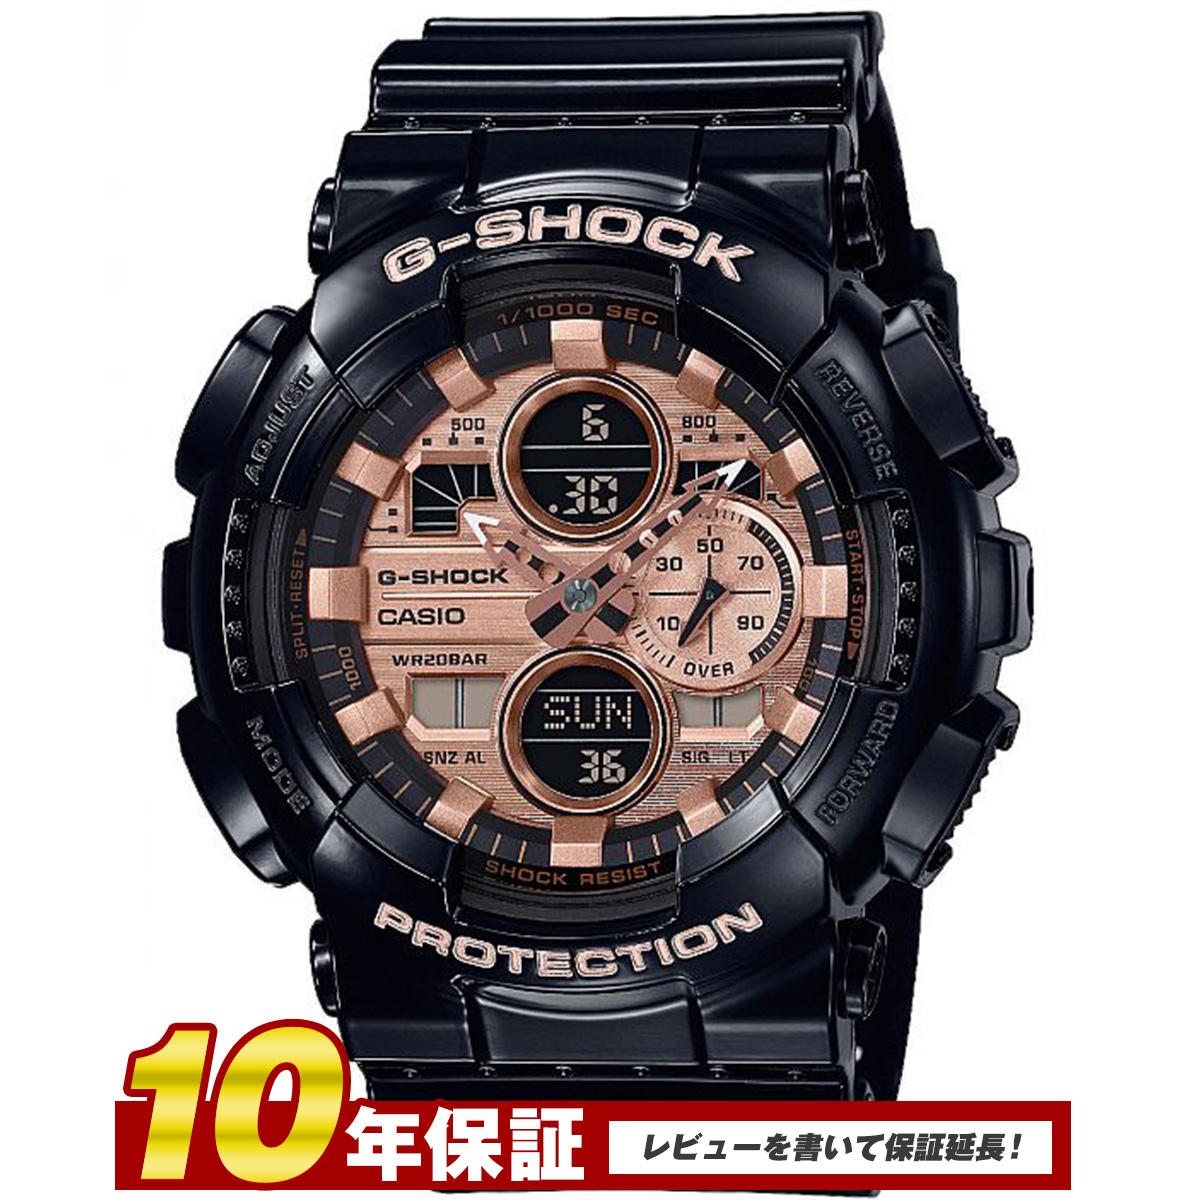 【全品送料無料】G-SHOCK カシオ Gショック CASIO 腕時計 メンズ Garish Color Series GA-140GB-1A2